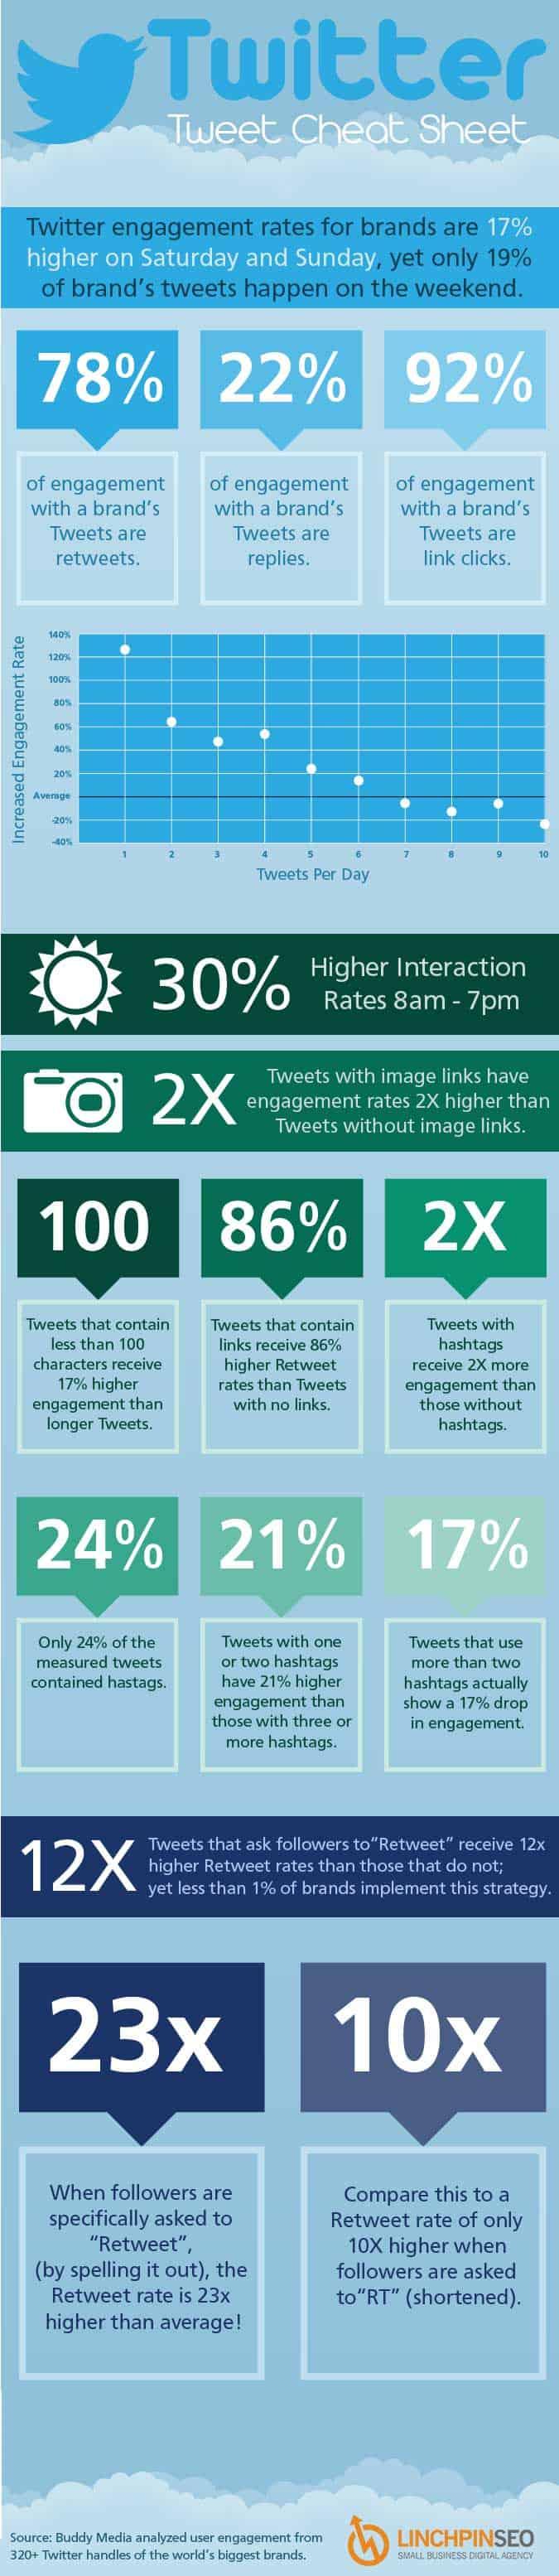 Por qué te conviene tuitear más imágenes